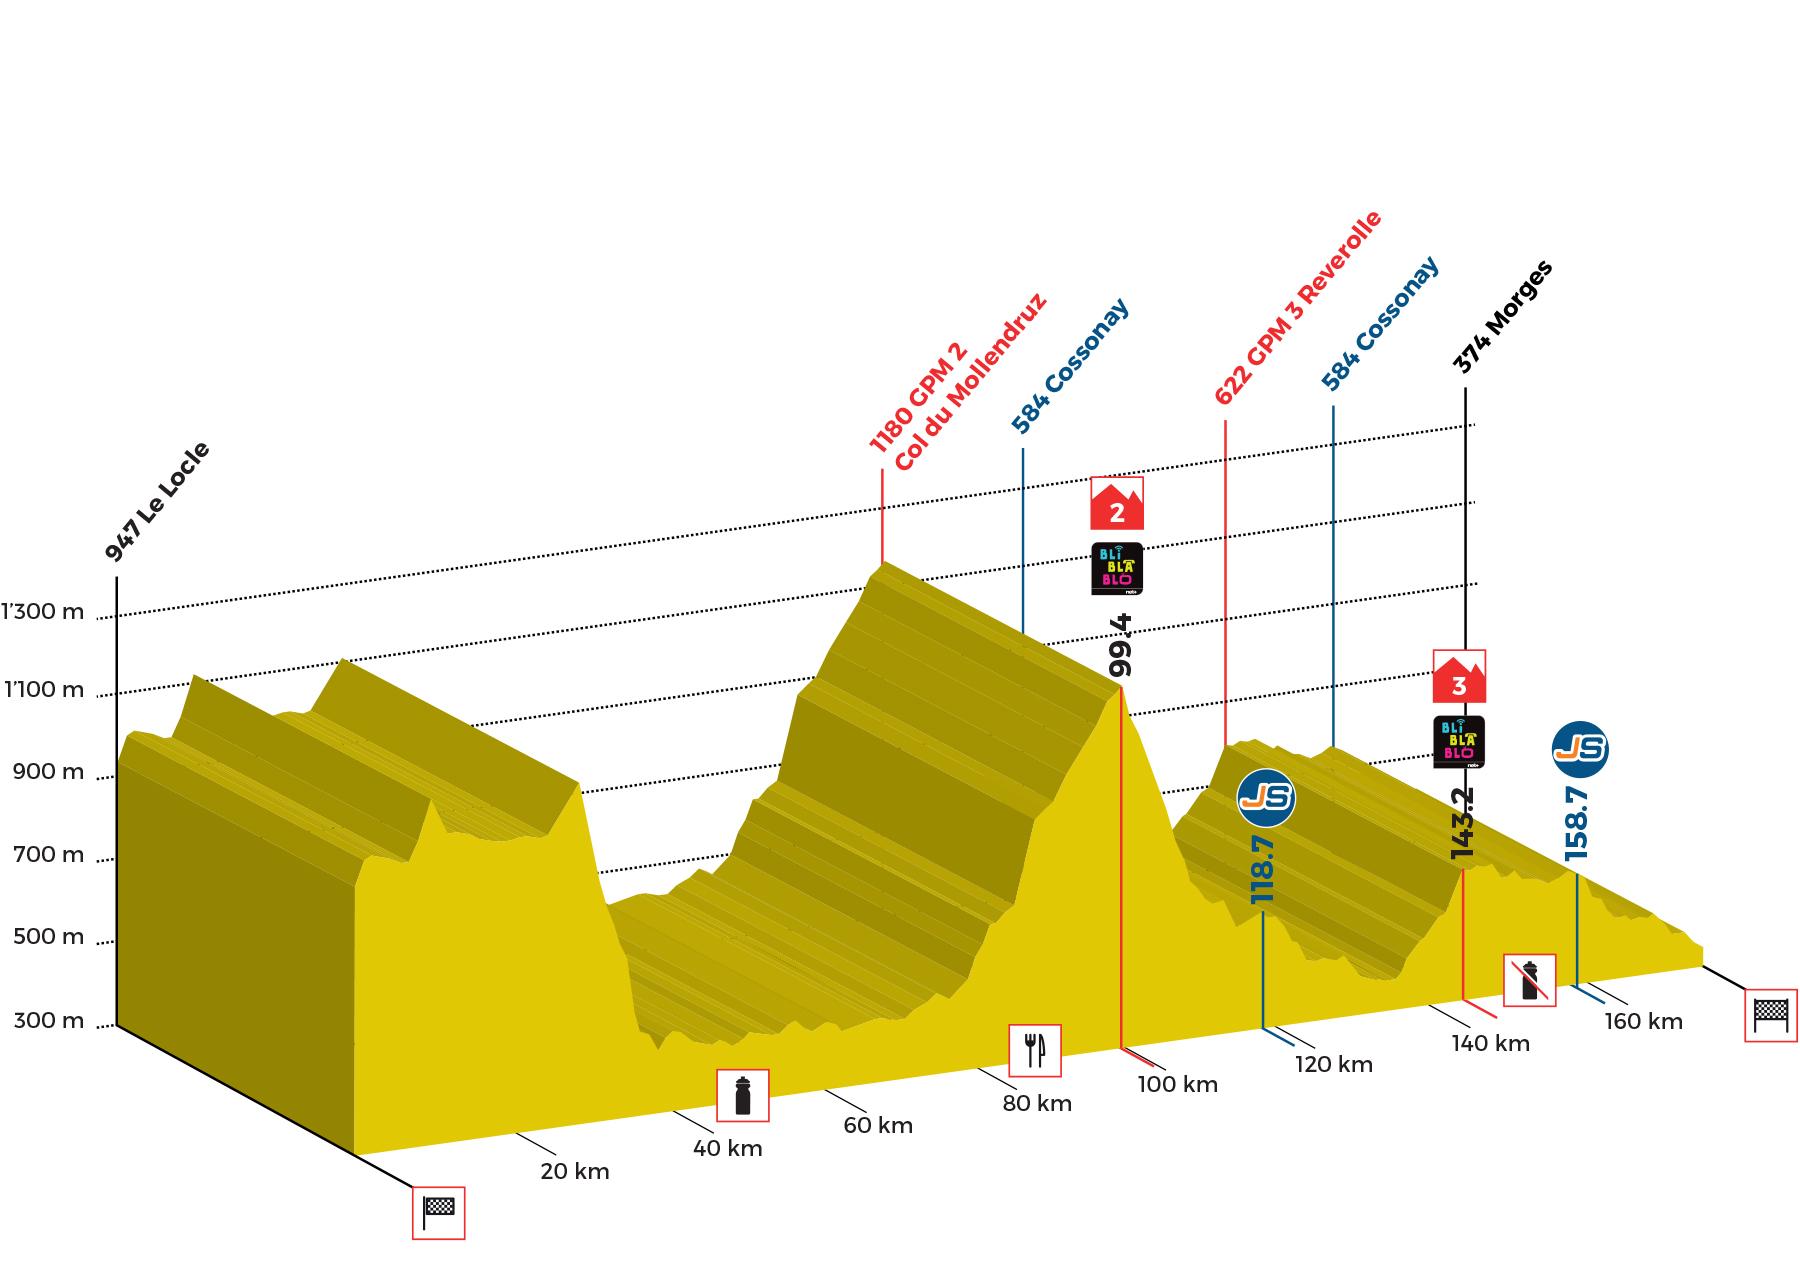 Tour de Romandie Profil-3